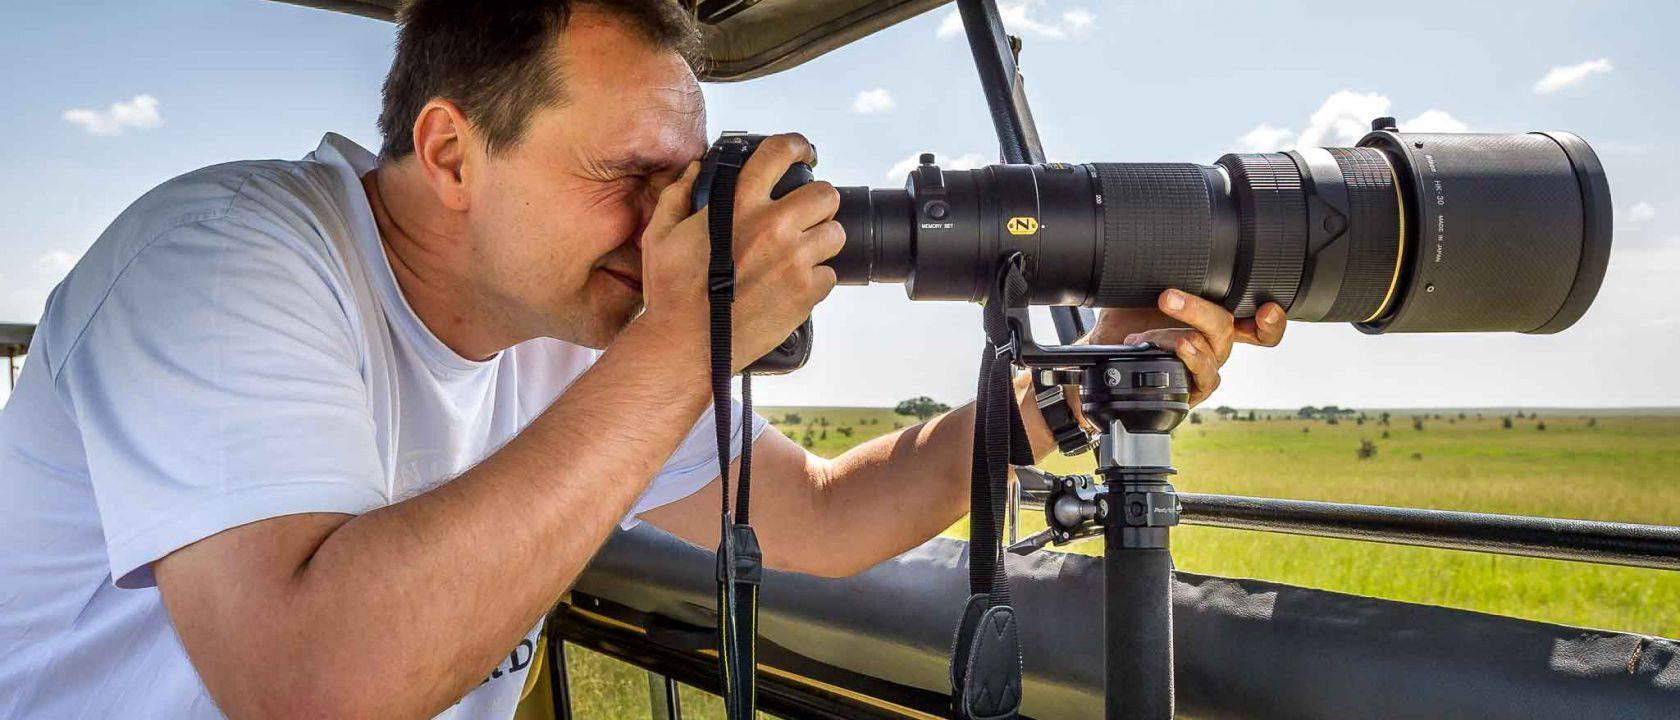 Größe spielt doch eine Rolle: Thorge Berger in Tanzania mit 200-400mm Objektiv